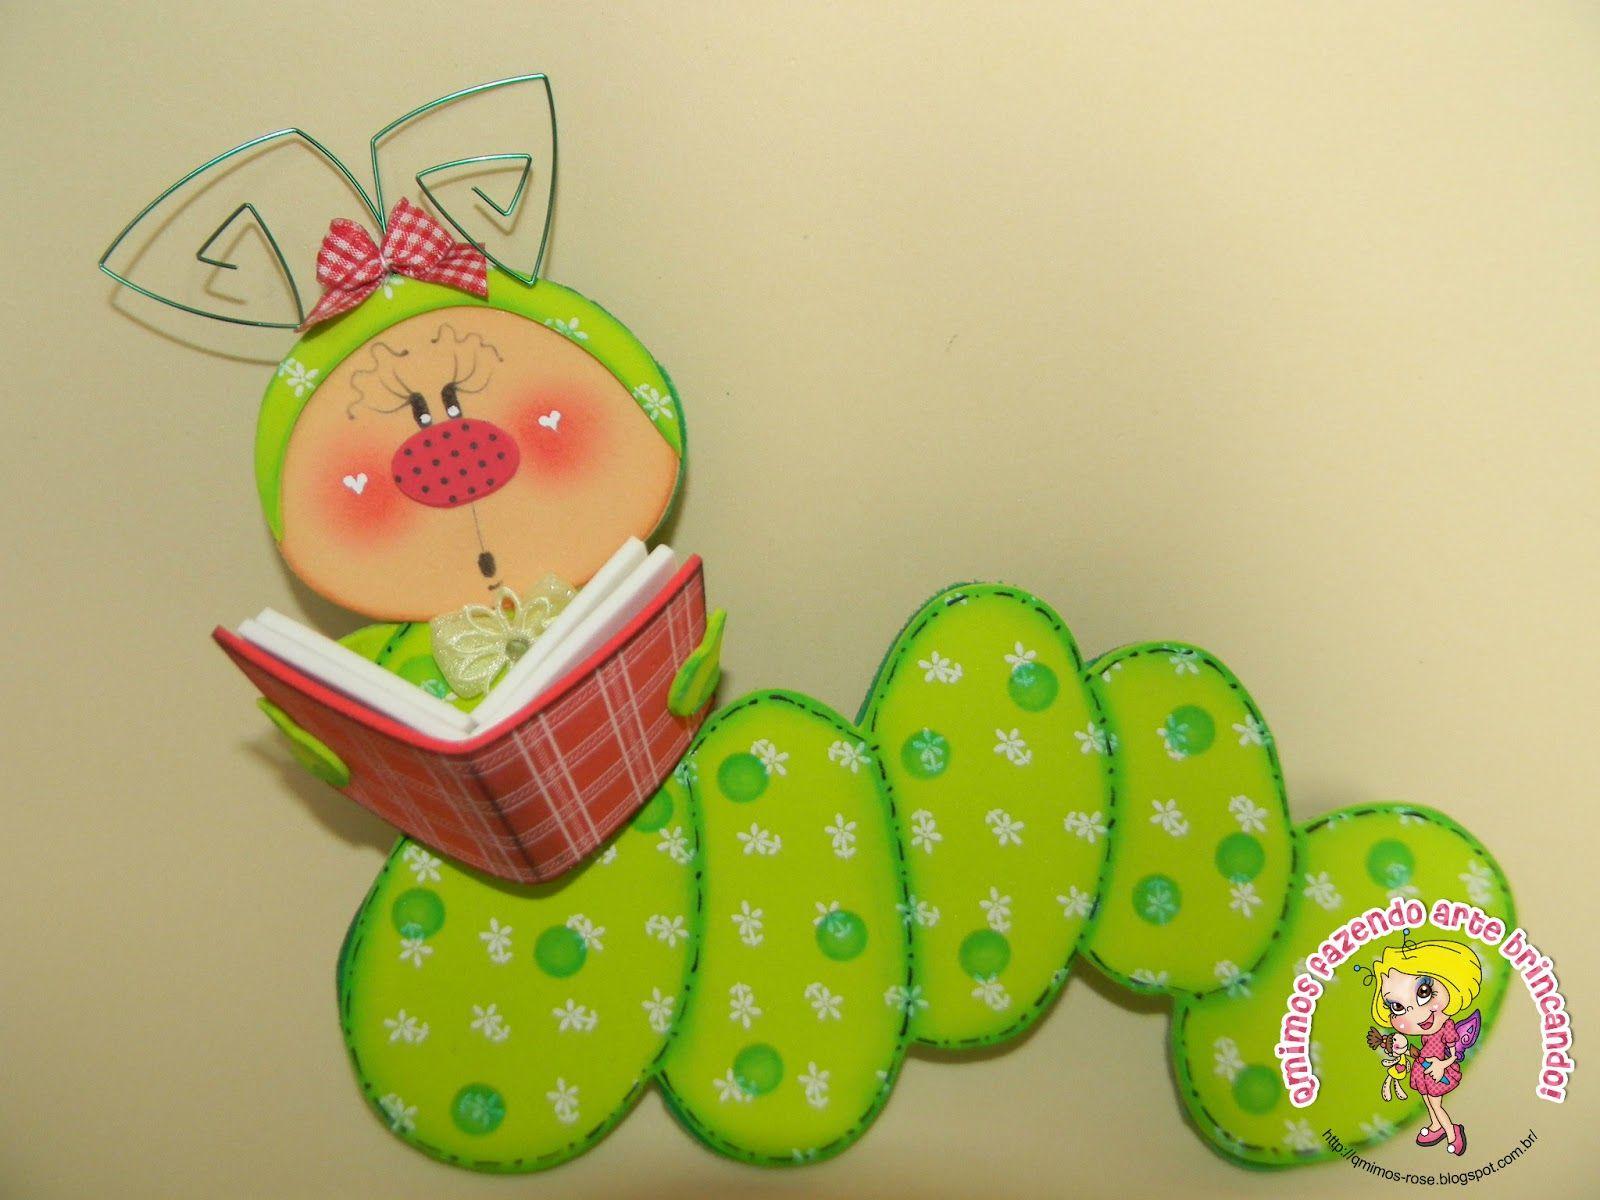 Qmimos fazendo arte brincando bichinhos para decorar for Manualidades decoracion infantil